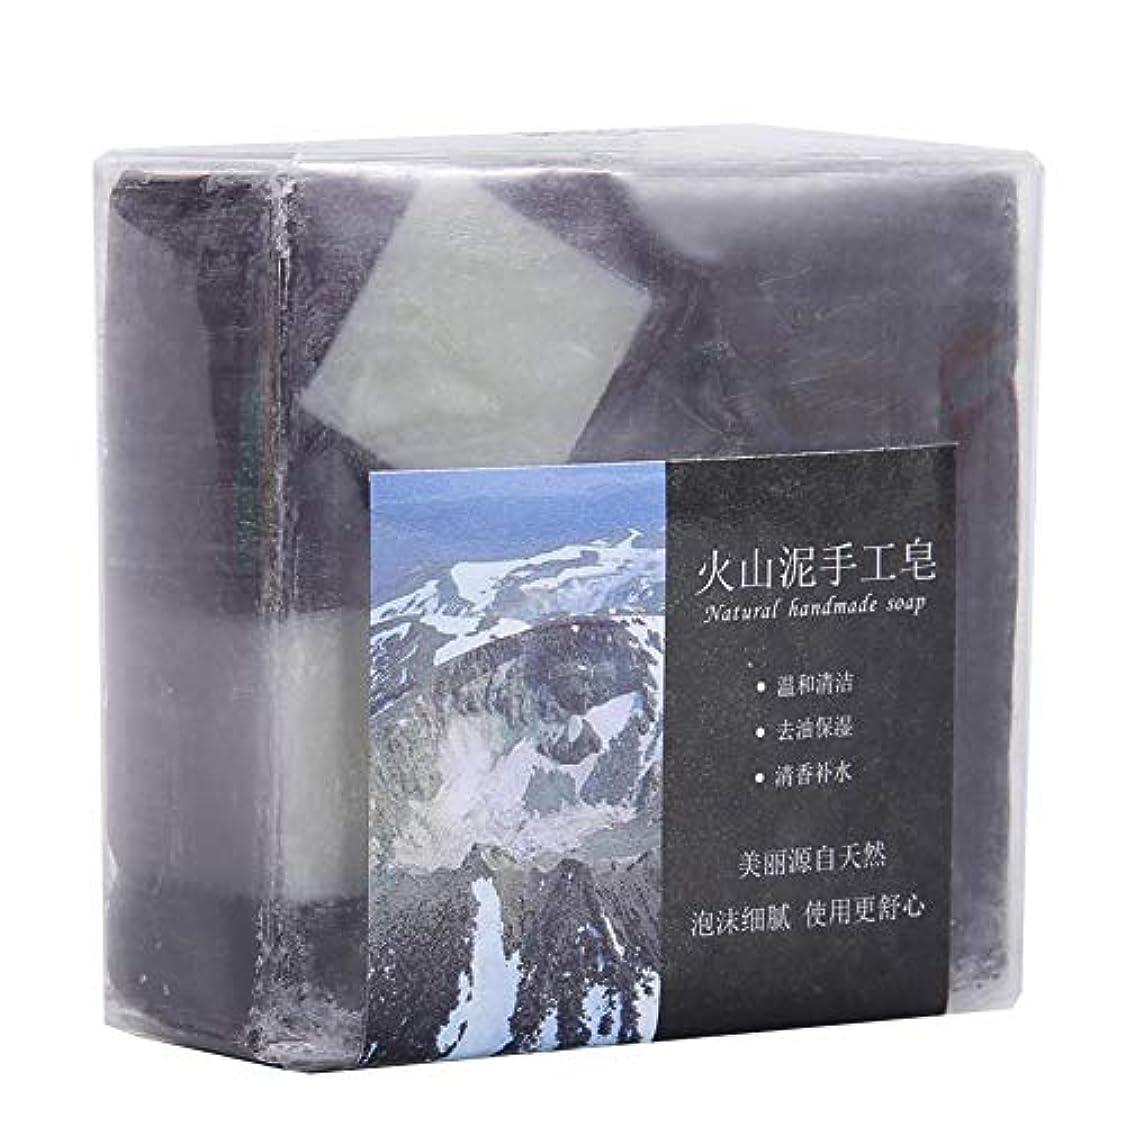 アトミック木思春期のディープクリーニング 火山泥 ハンドメイドグリース 保湿石鹸用 100 G 手作り石鹸